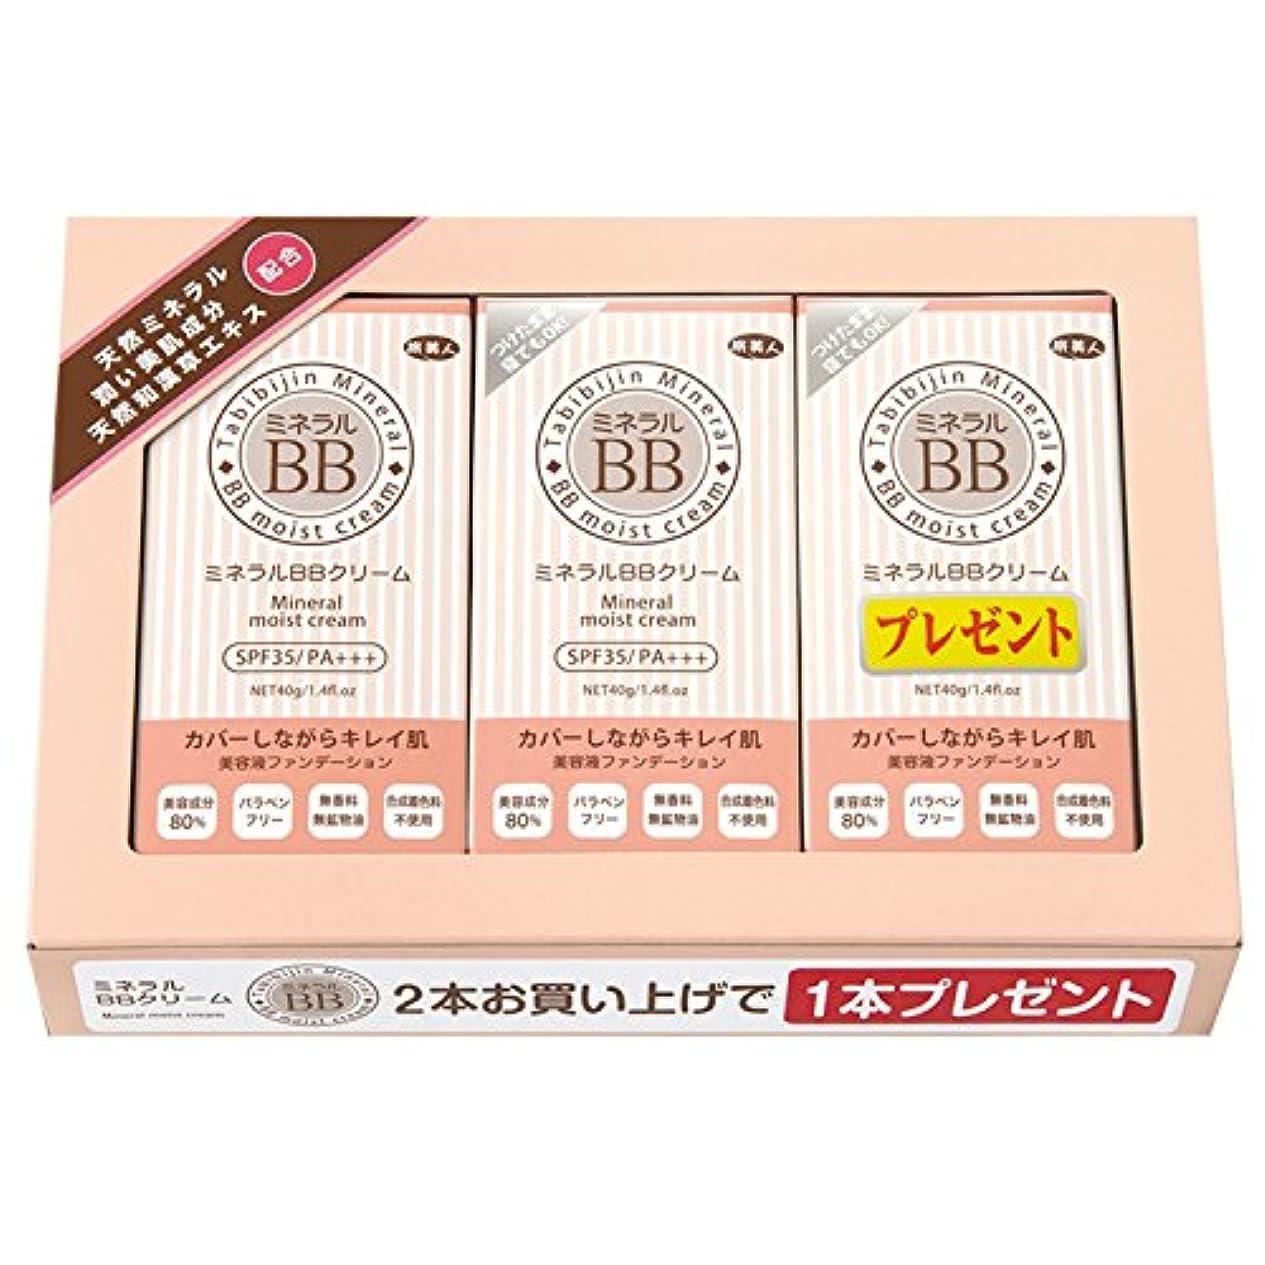 蜂入口電気的アズマ商事の ミネラルBBクリーム お得な 2本のお値段で3本入りセット